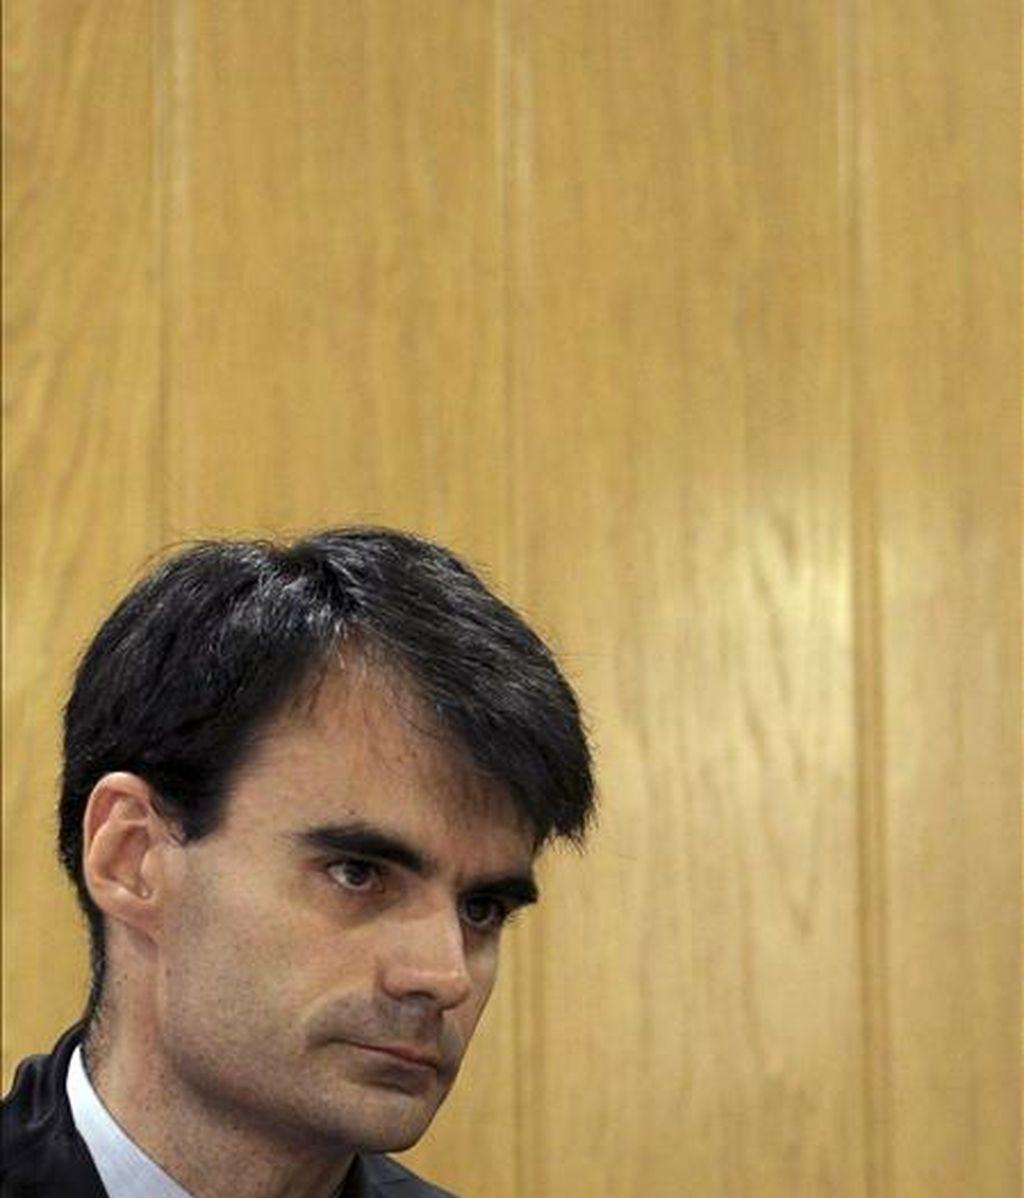 El Consejo General del Poder Judicial (CGPJ) ha prorrogado seis meses al juez magistrado Pablo Rafael Ruz Gutiérrez (en la foto) como sustituto del juez Baltasar Garzón en la Audiencia Nacional. EFE/Archivo